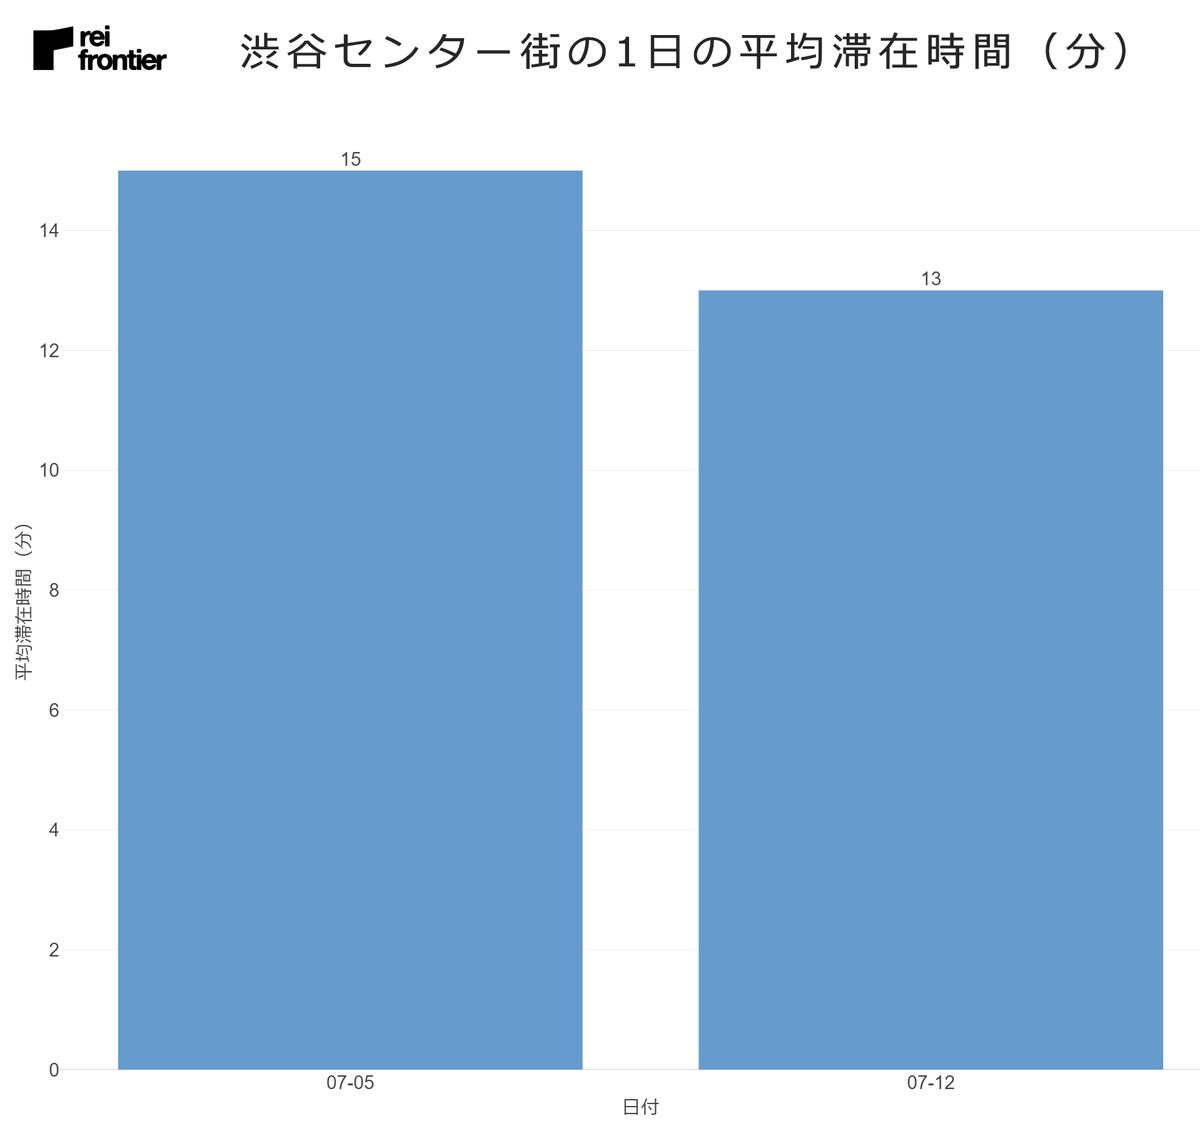 渋谷センター街の1日の平均滞在時間